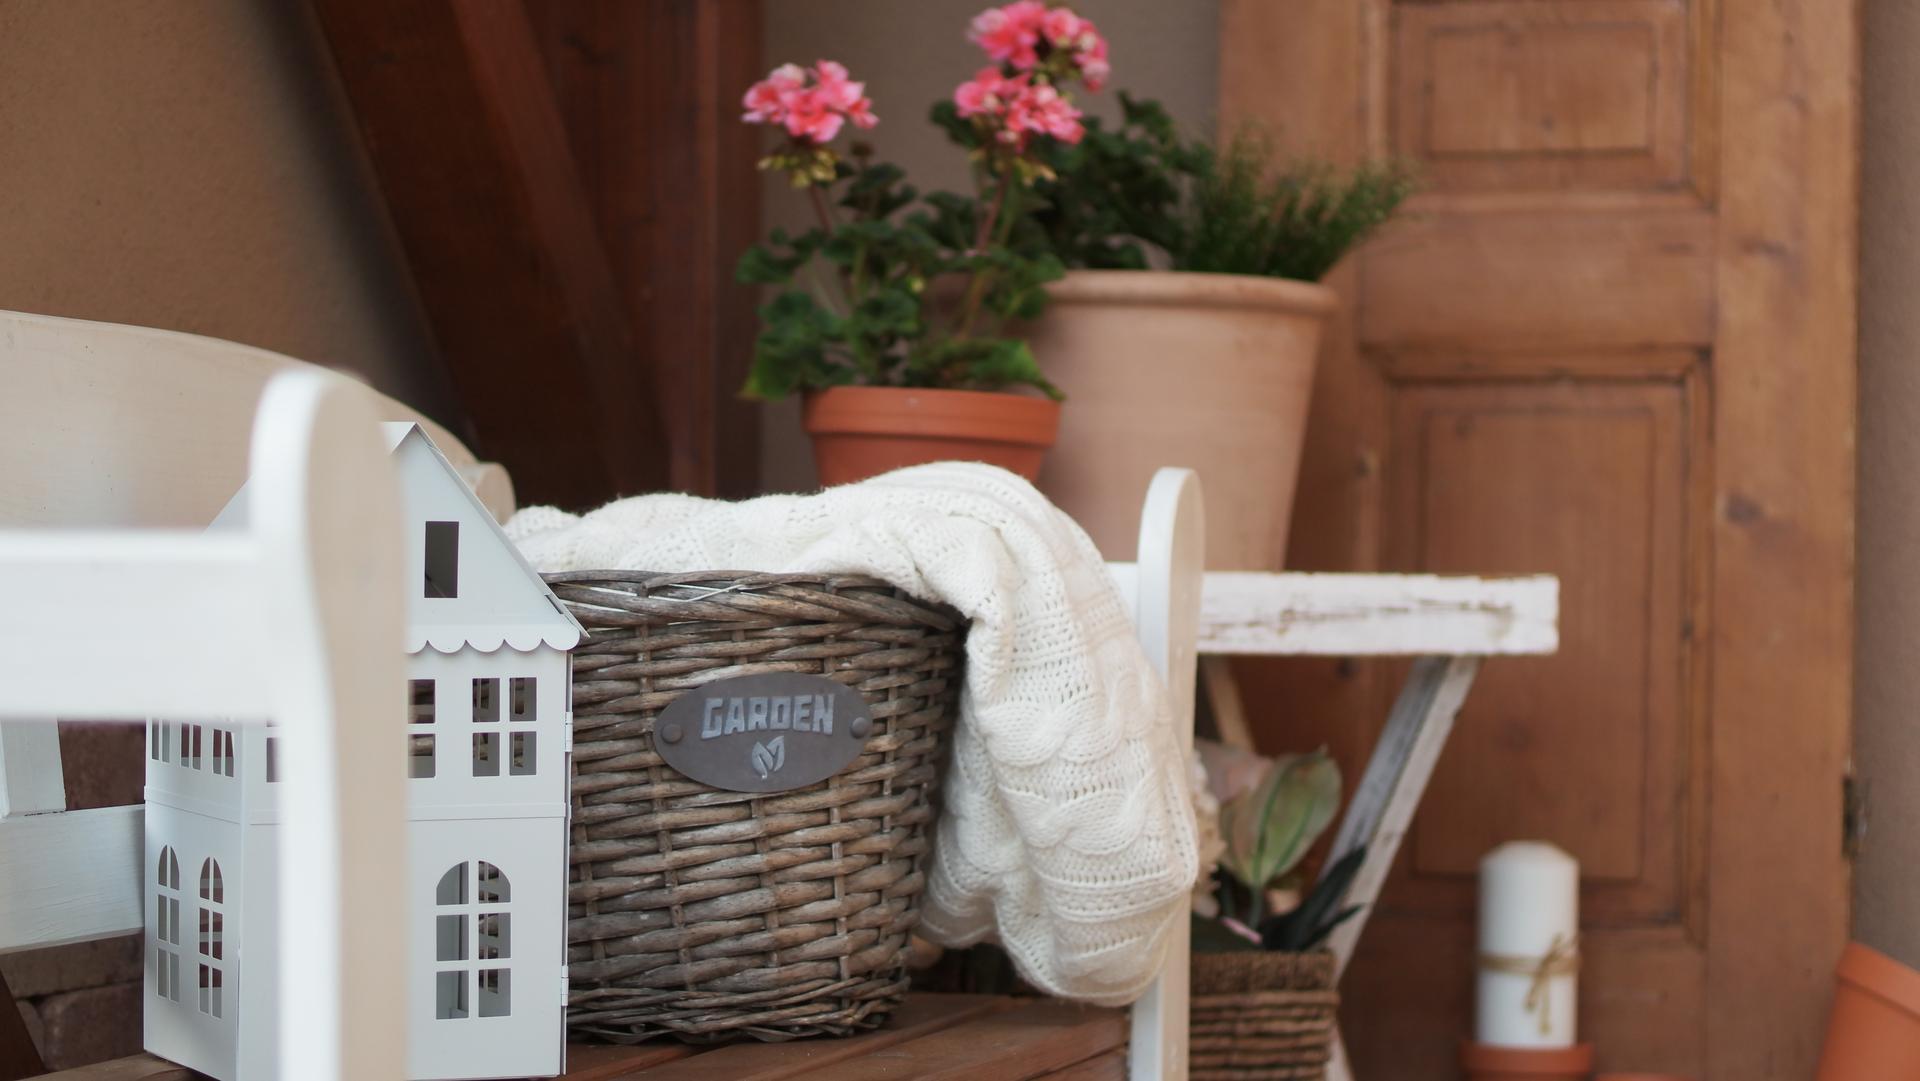 Náš domček ♡ Bramasole ♡ ... Stilo interiér aj exteriér 4. rok bývania - Obrázok č. 72